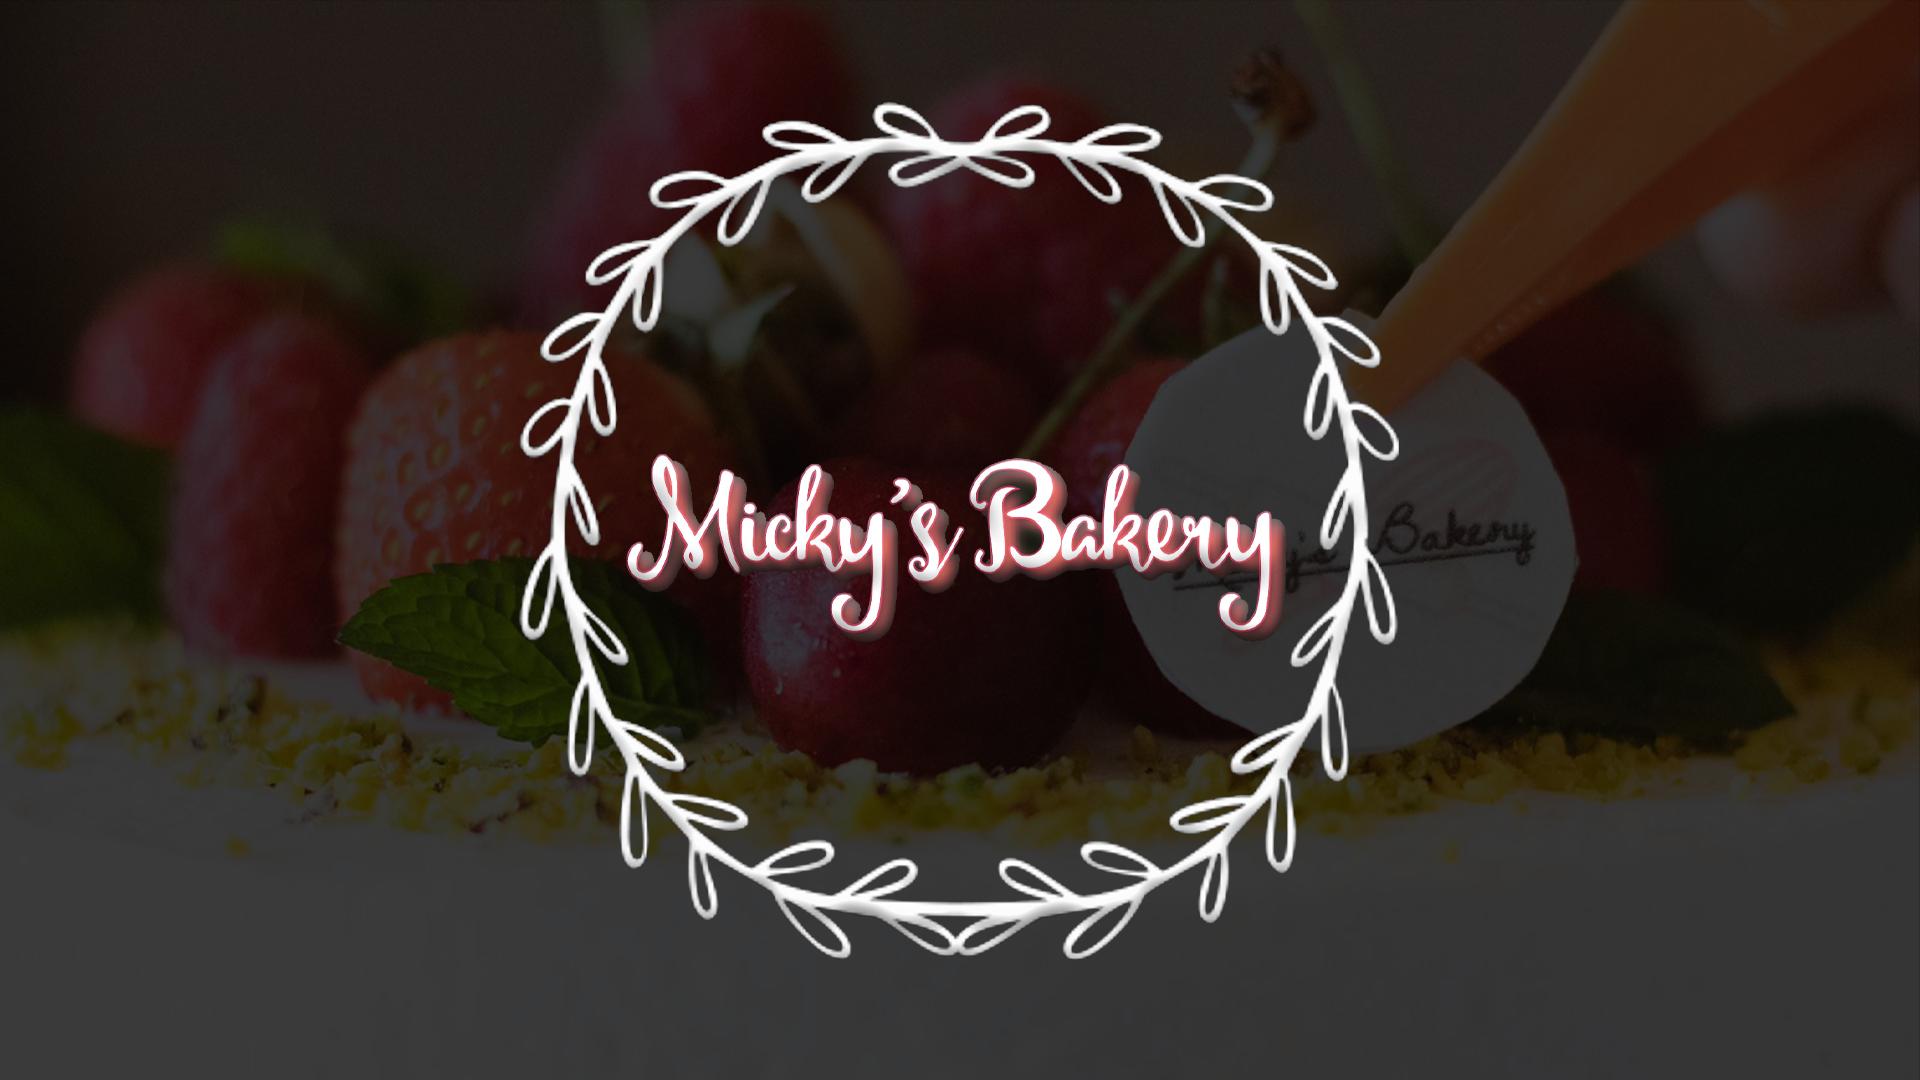 Micky's Bakery